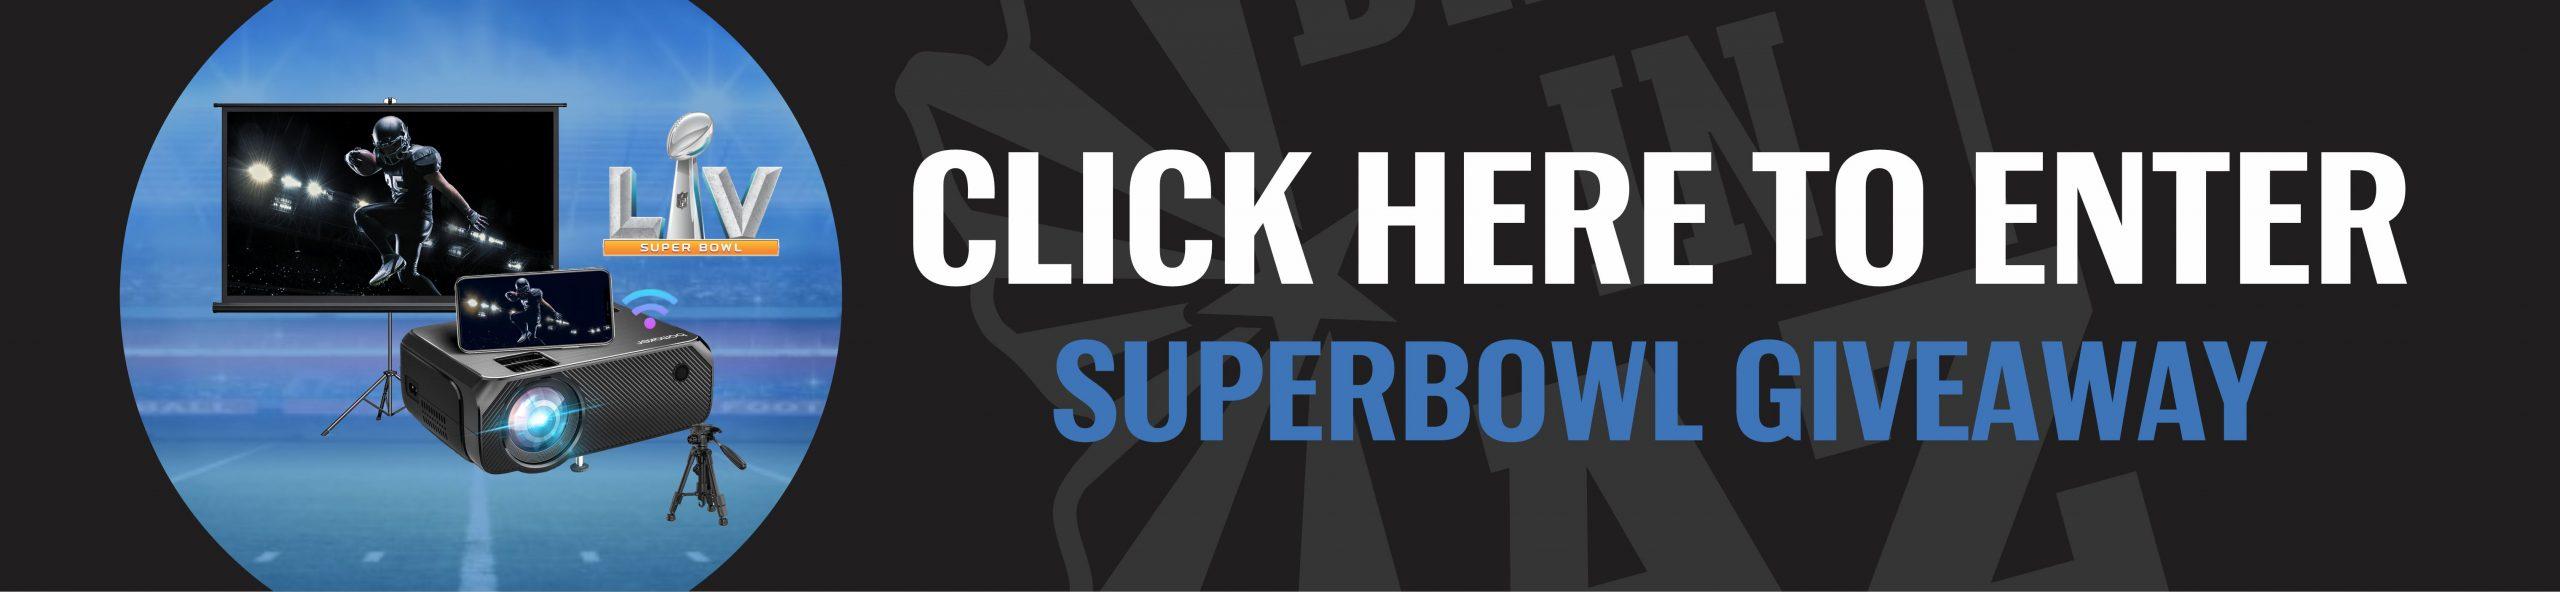 Drink In AZ_Hyperlink Image_Superbowl Giveaway